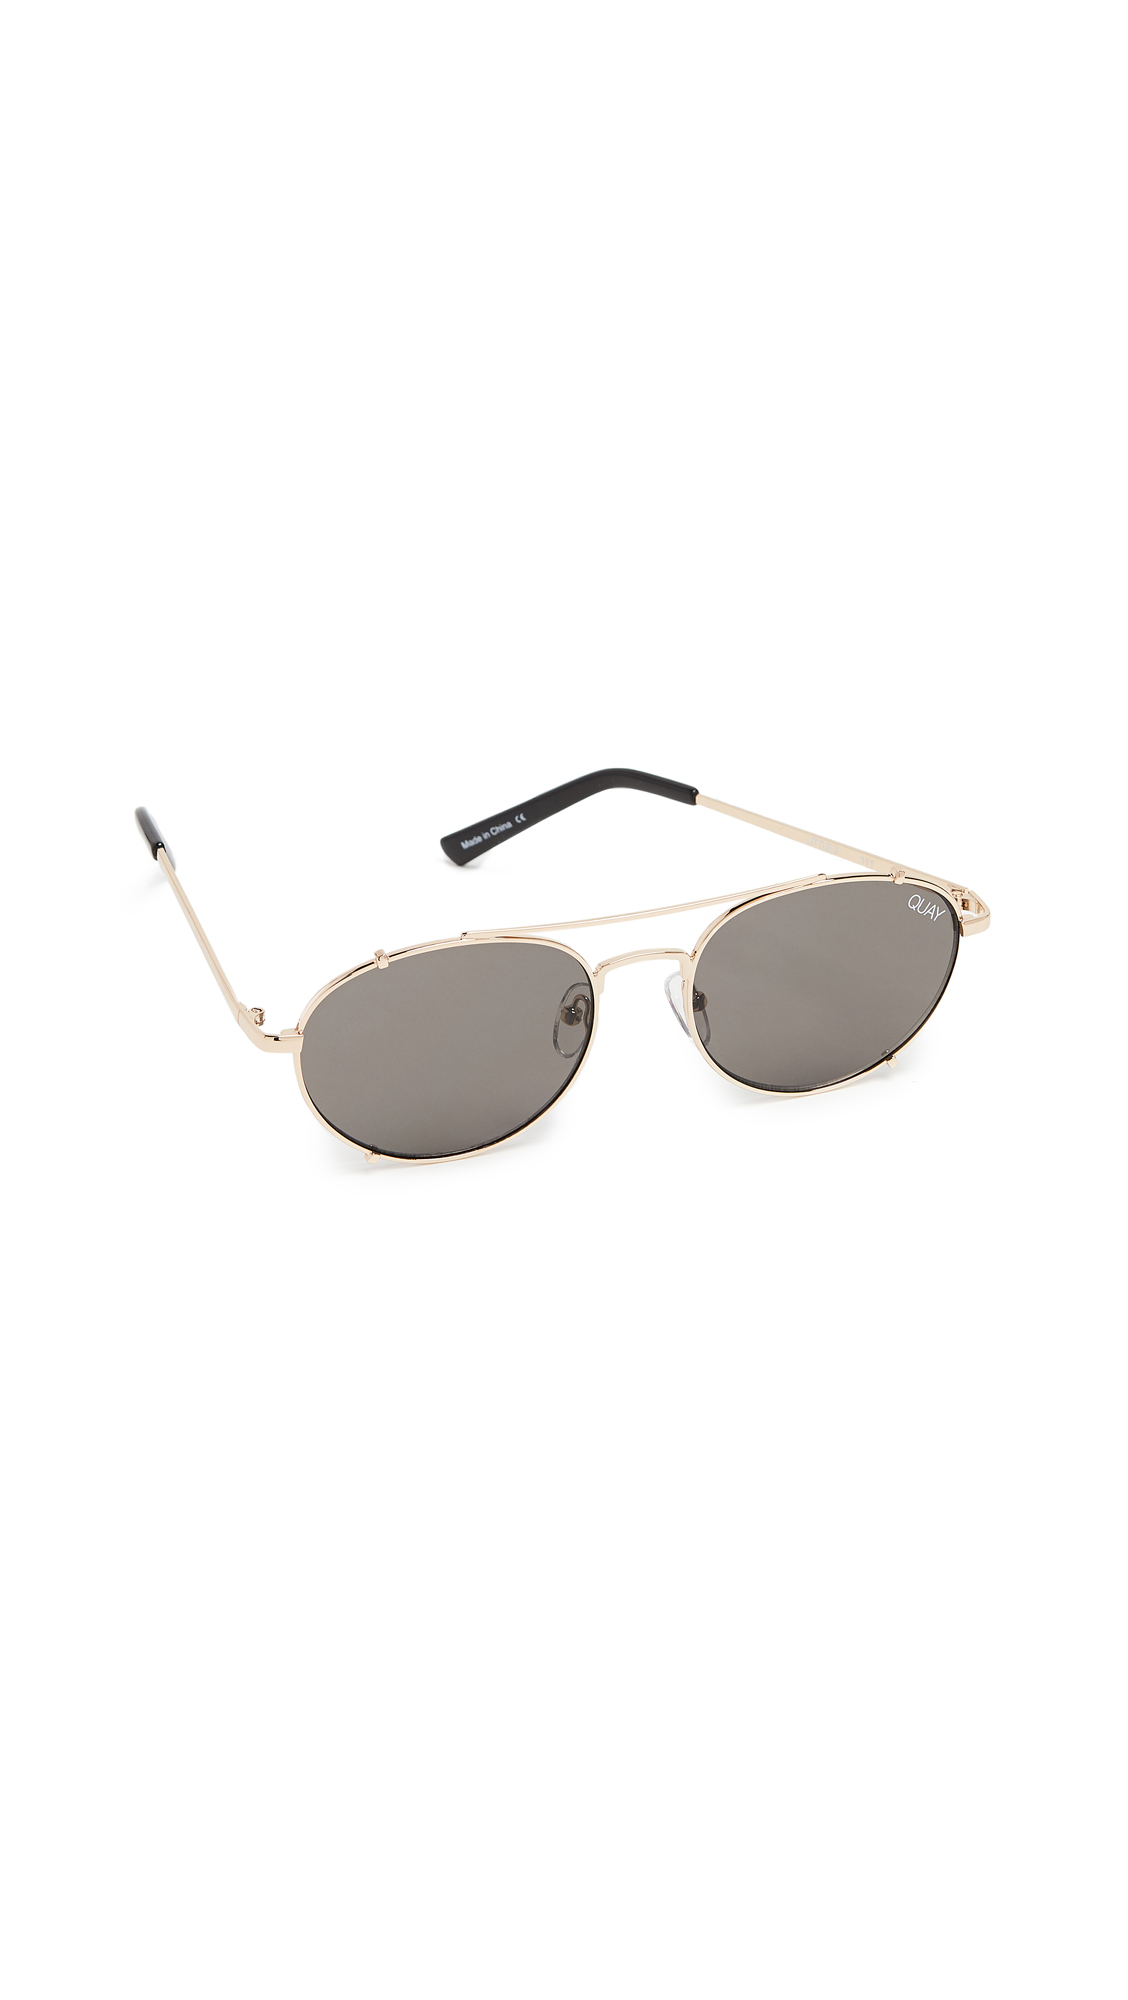 Little J 55Mm Aviator Sunglasses - Gold/ Smoke, Gold/Smoke